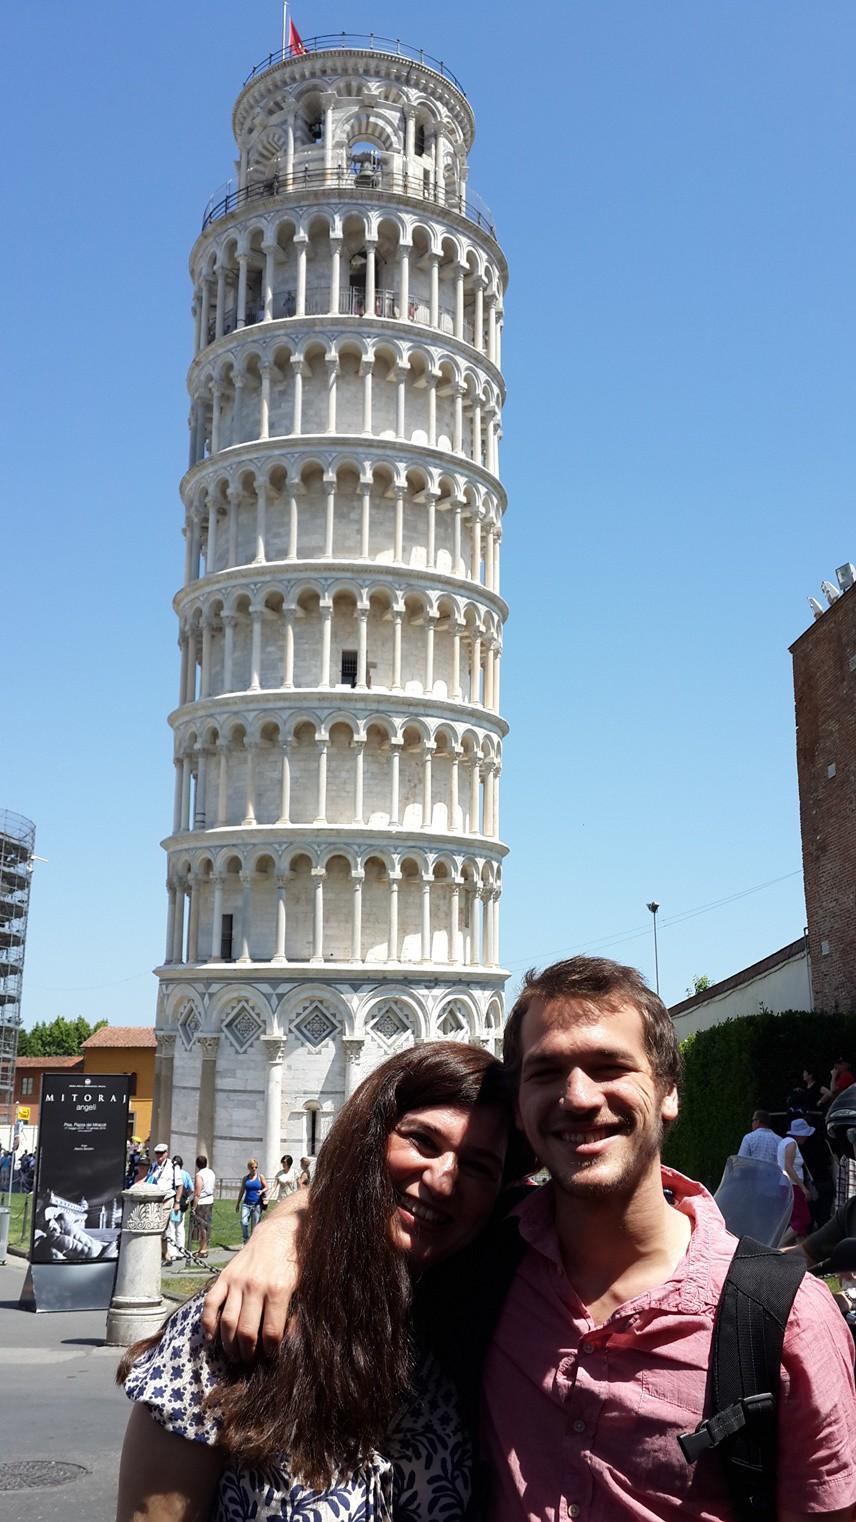 """KATEDRAL DAHA ÖNCE YAPILMIŞ Burada Katalolik Klisesi olan """"Pisa Katedrali"""" var. Katedral, 1063-1090 yılları arasında yapılmış."""